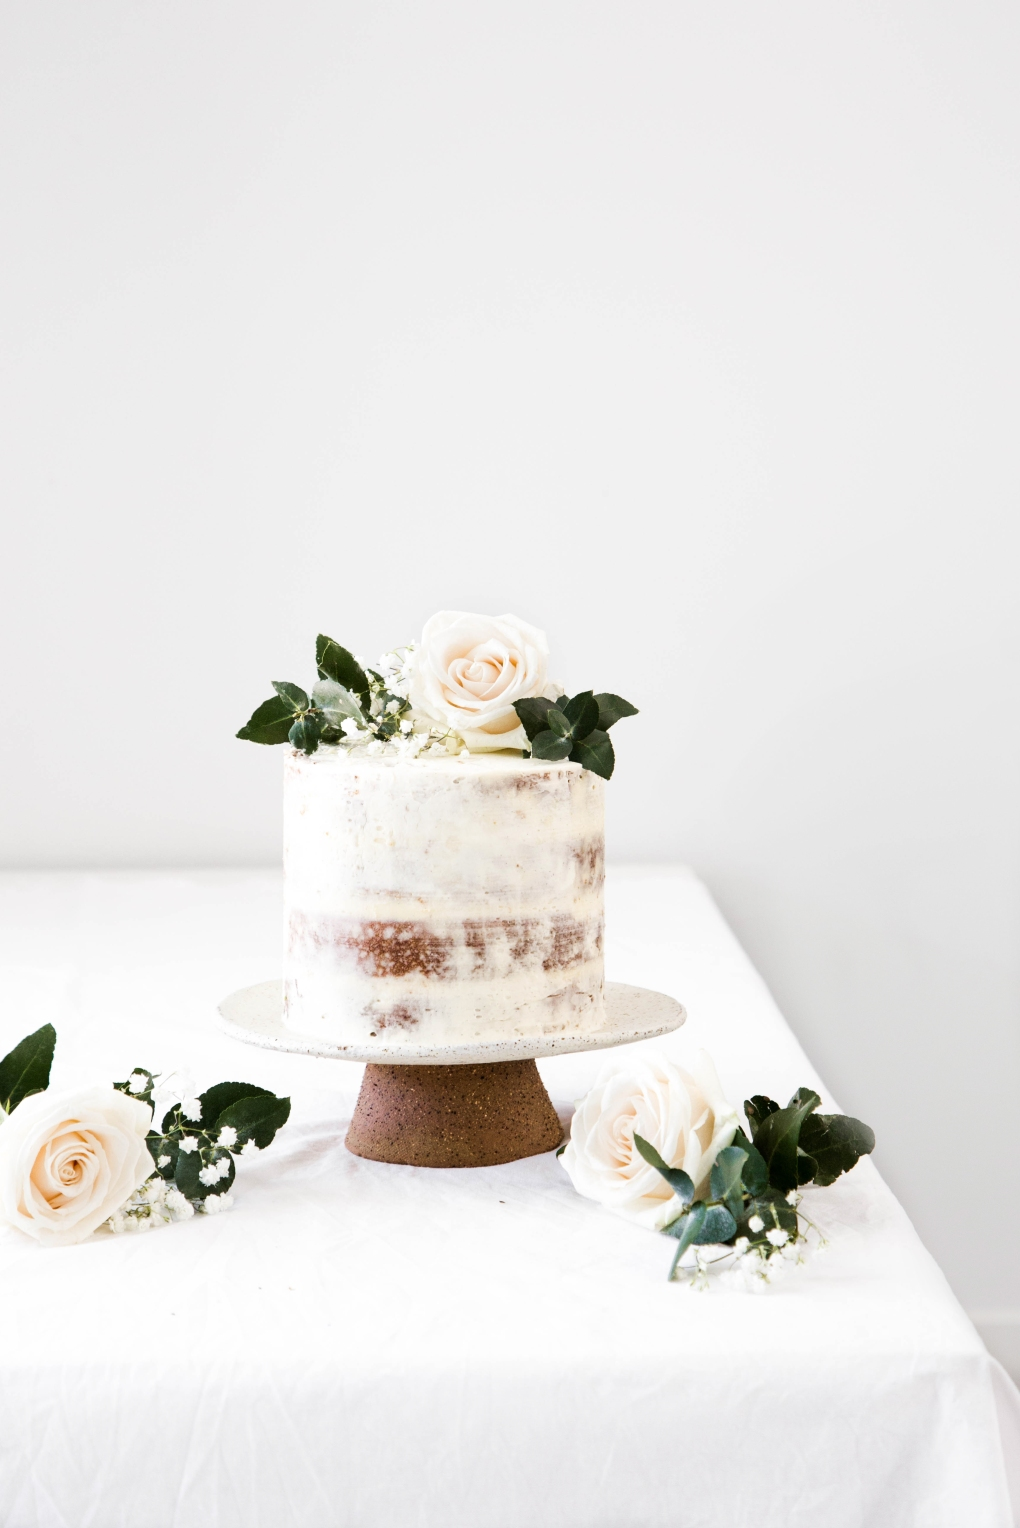 Cake22-2 final.jpg